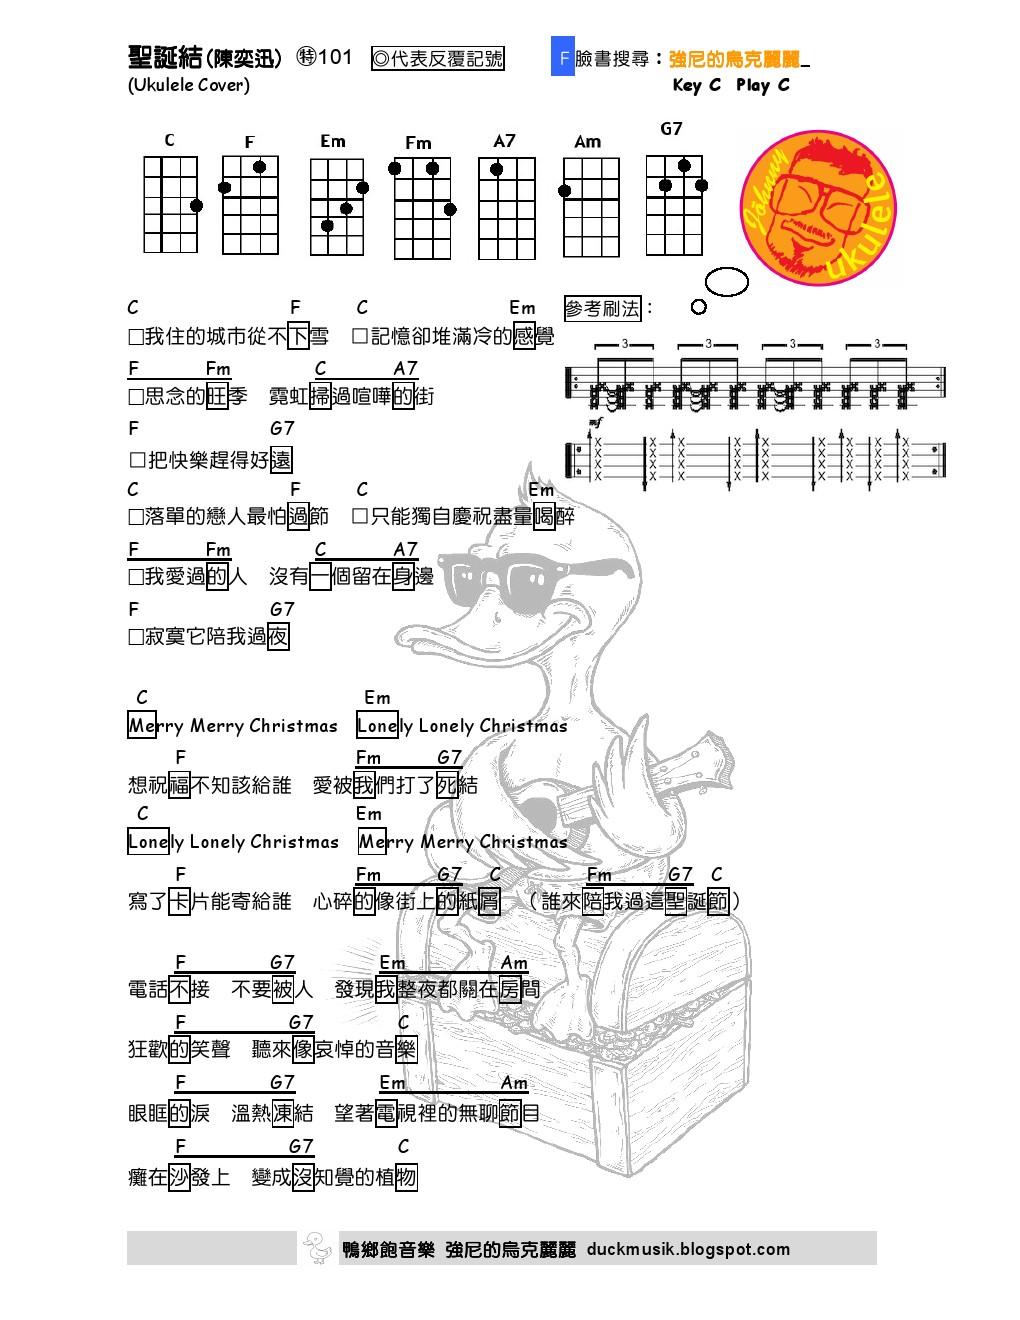 強尼的烏克麗麗 Johnny Ukulele音樂教室: #101 聖誕結 陳奕迅 強尼的烏克麗麗譜Johnny's Ukulele cover